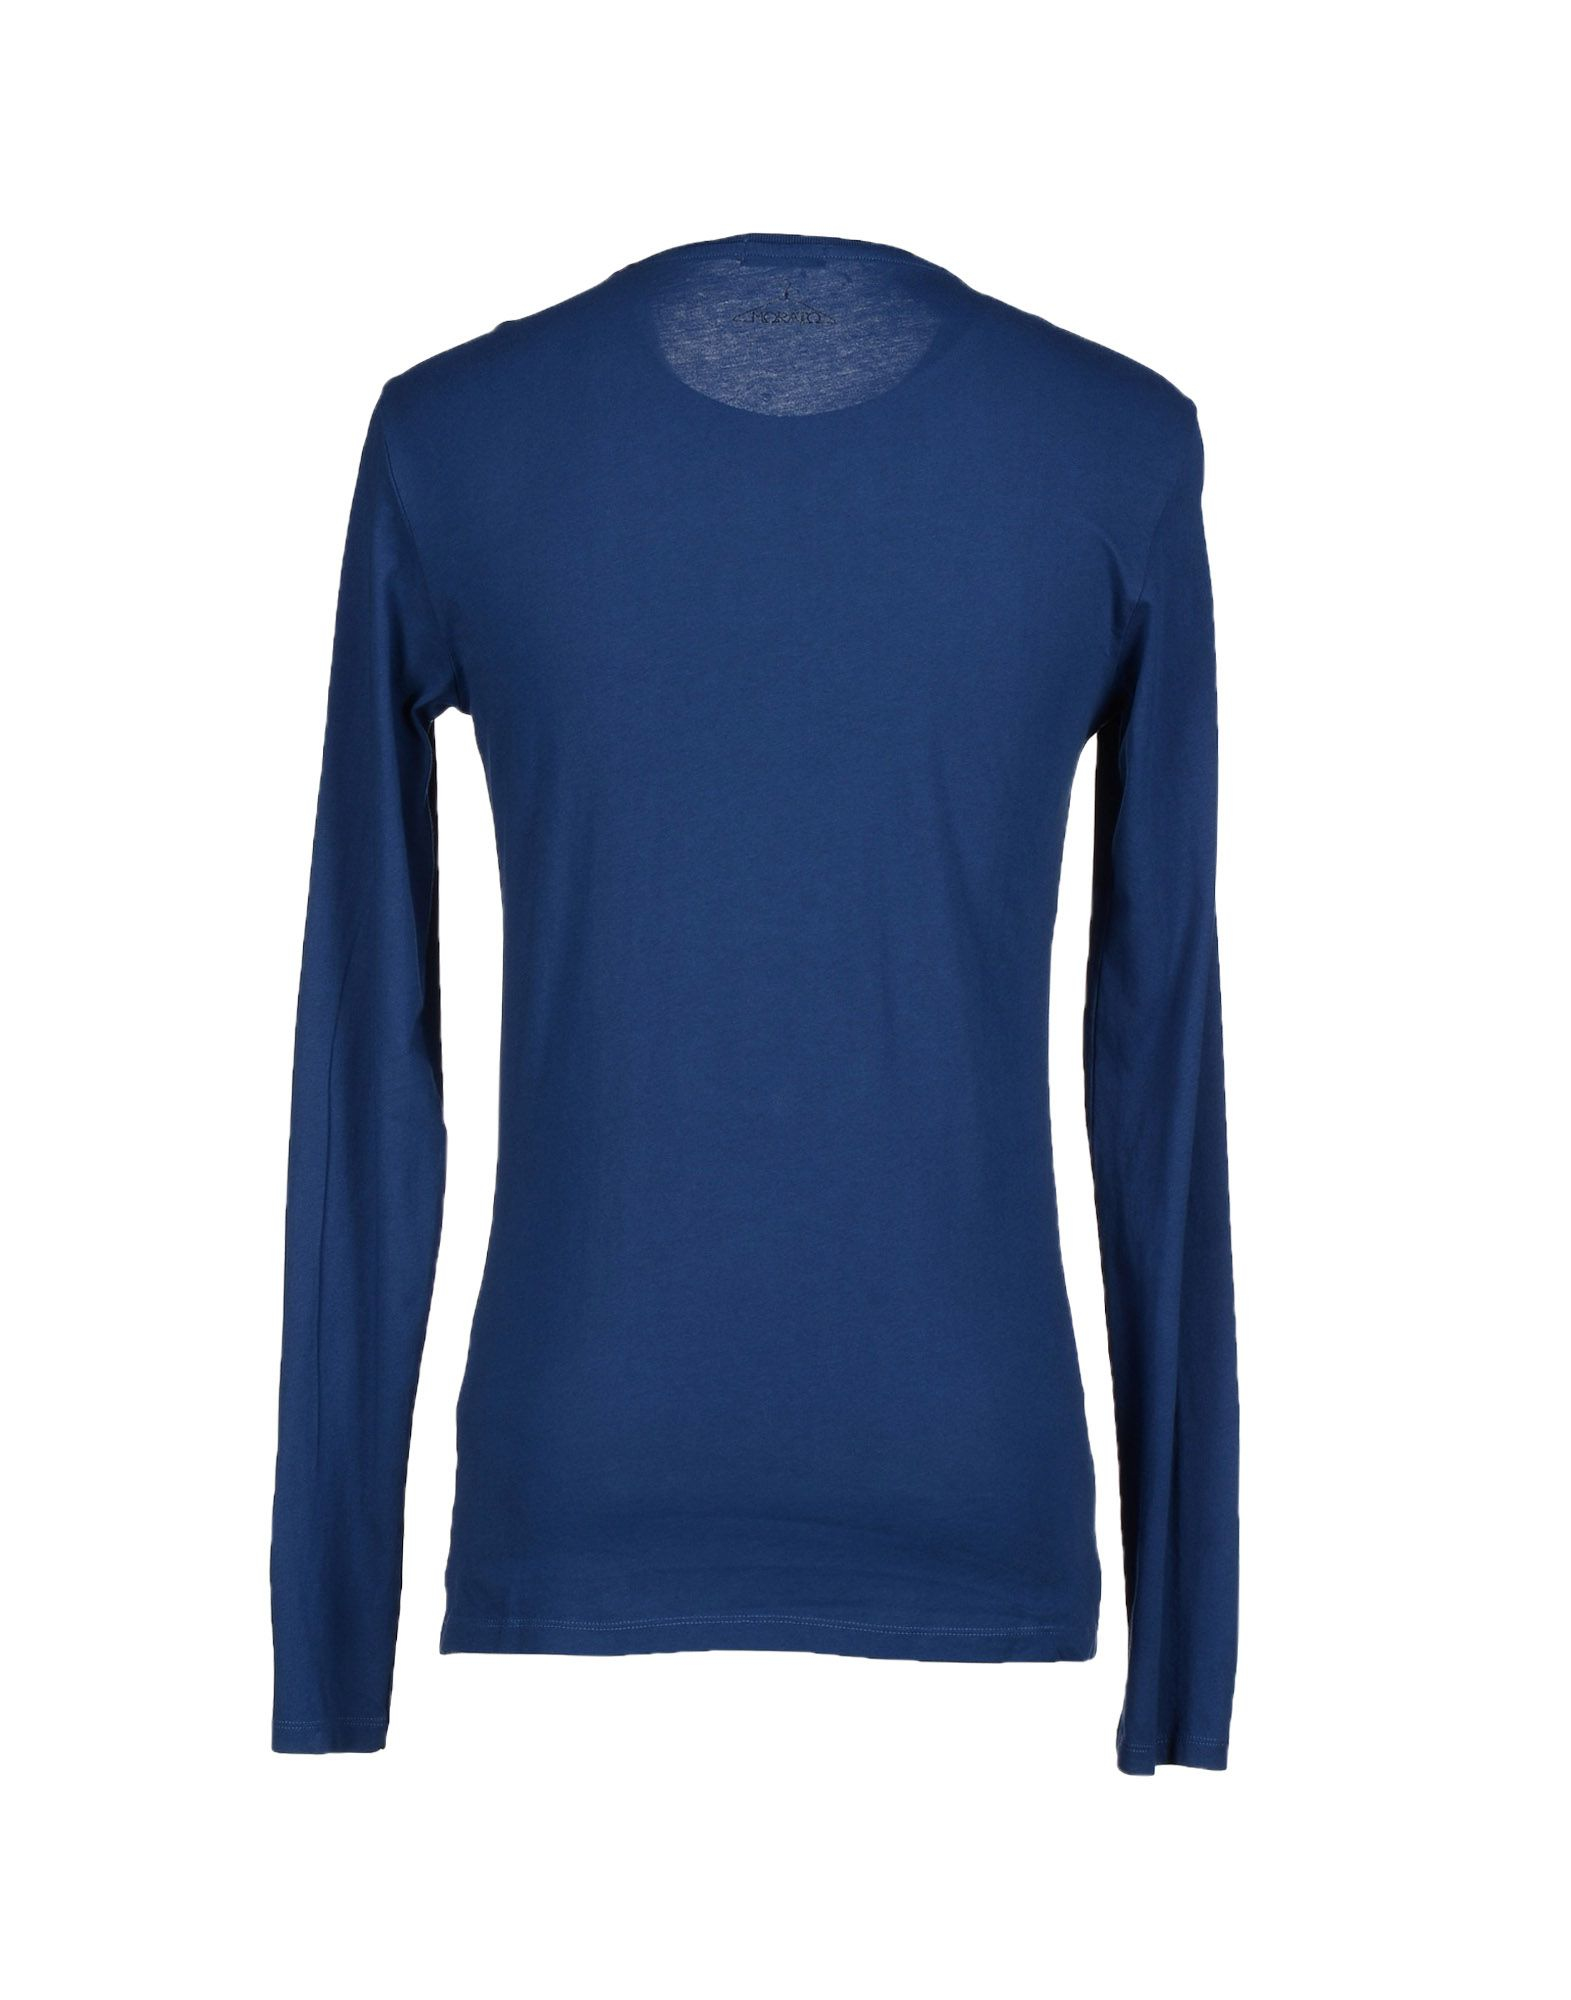 Antony morato t shirt in blue for men dark blue lyst for T shirt dark blue